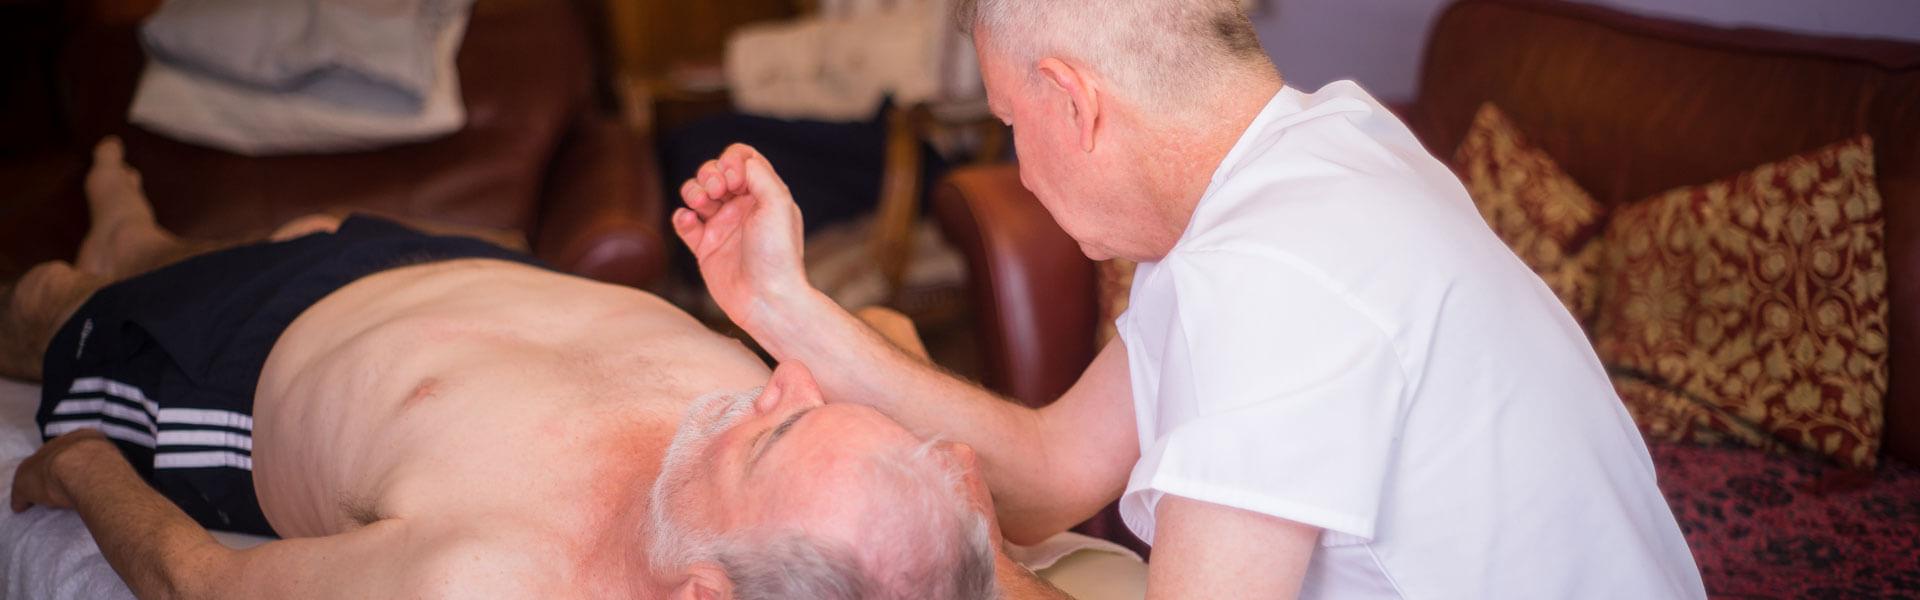 Slider image showing forearm curative massage to shoulder